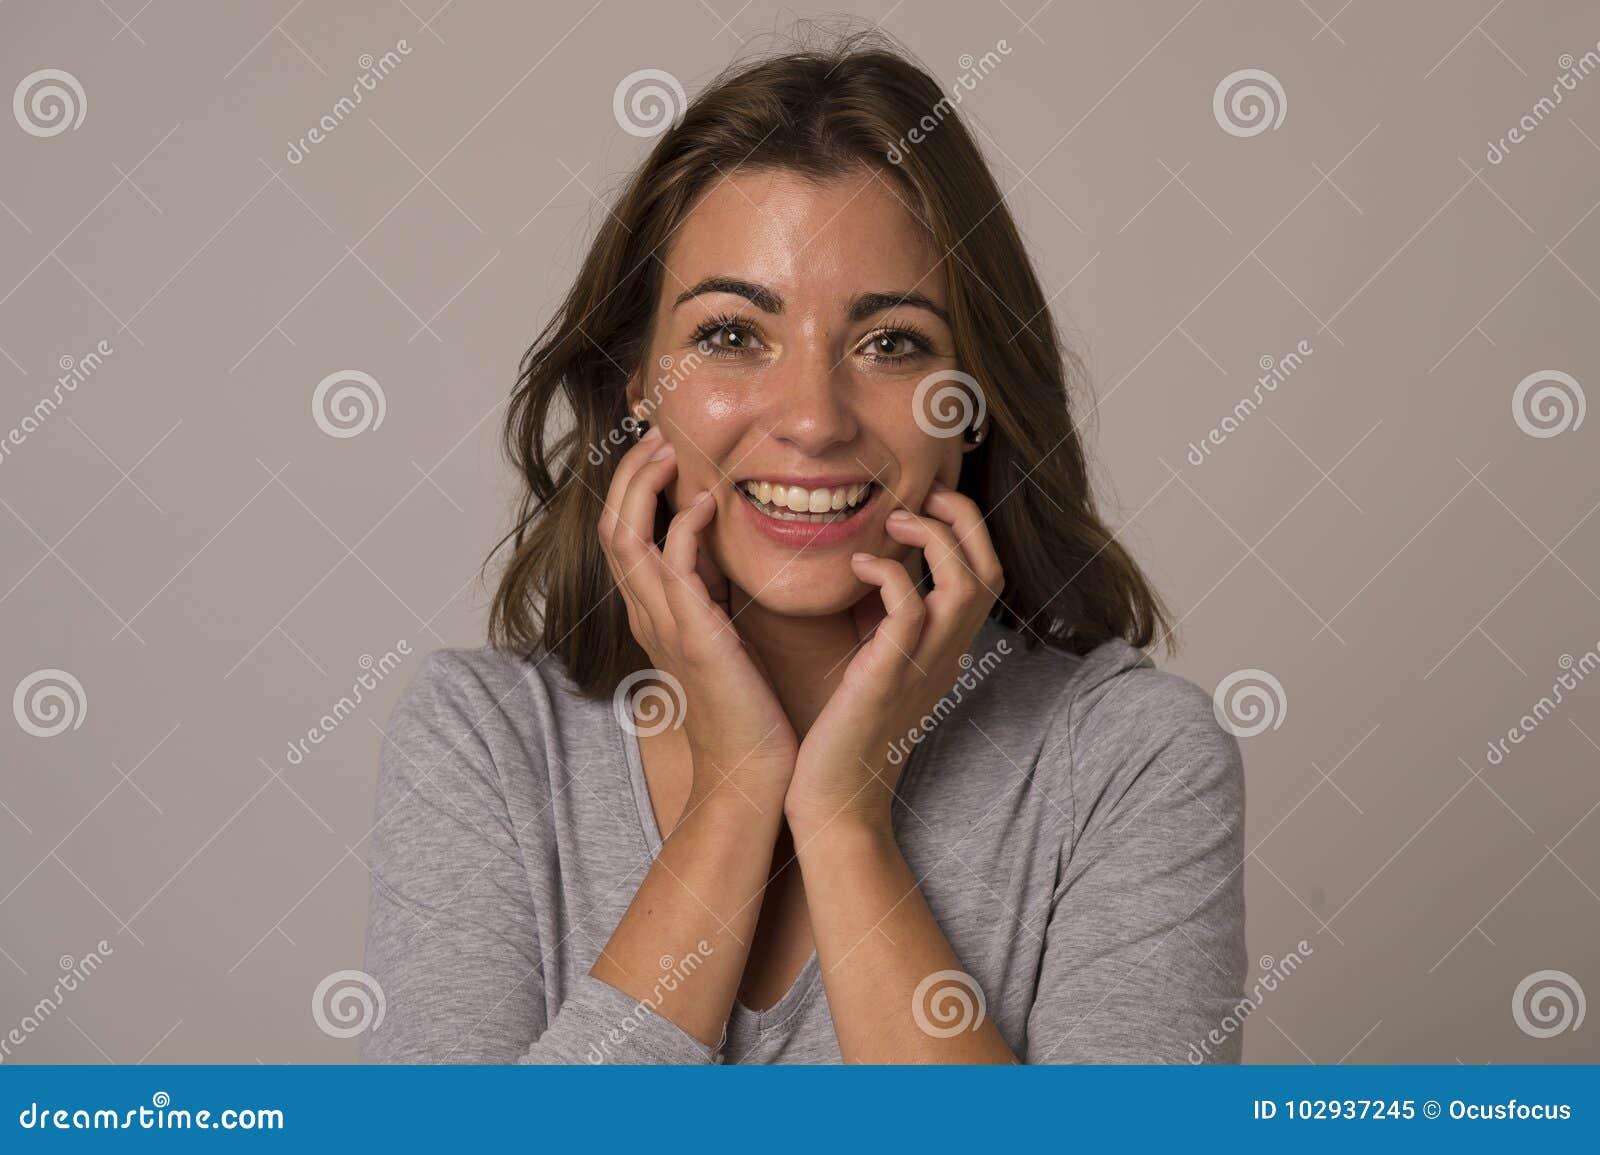 Młody atrakcyjny, piękny kobiety krzyczeć i szczęśliwy w ładnym szoku i niespodziance pokazuje pozytyw i zabawę